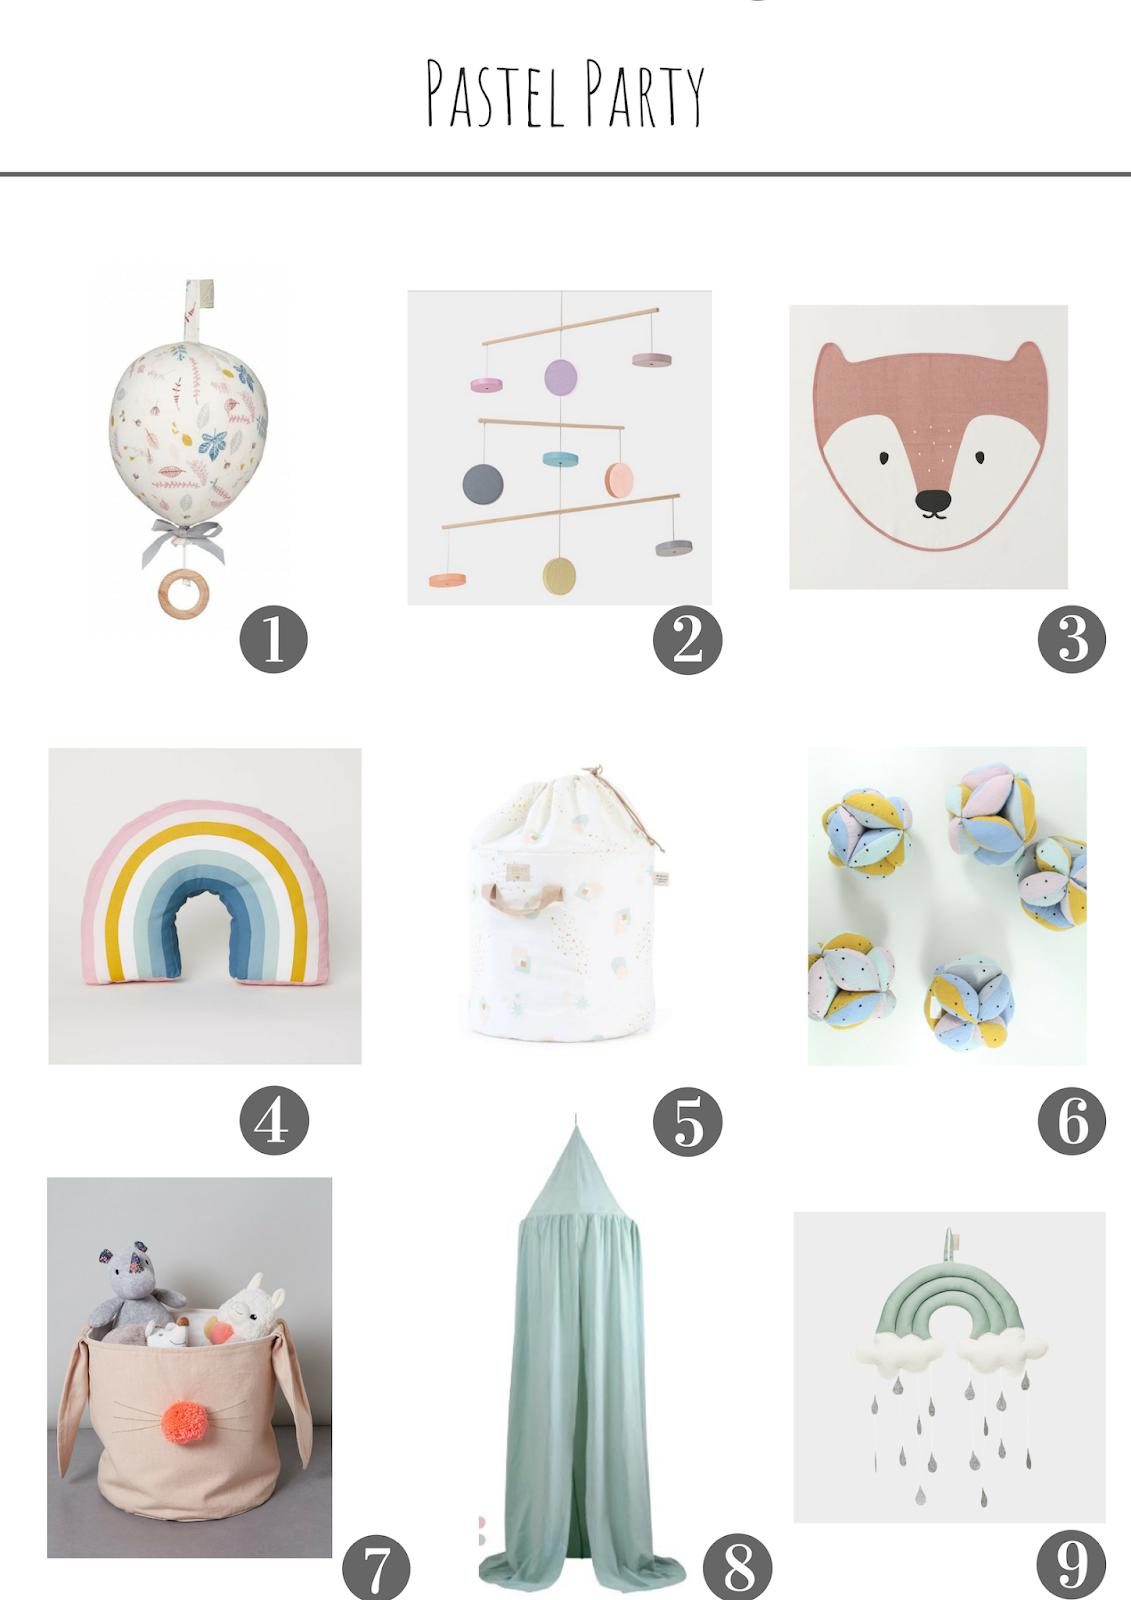 selection de decoration pour la chambre des enfants bebe pastel arc en ciel mobile coussin nobidinoz cam cam